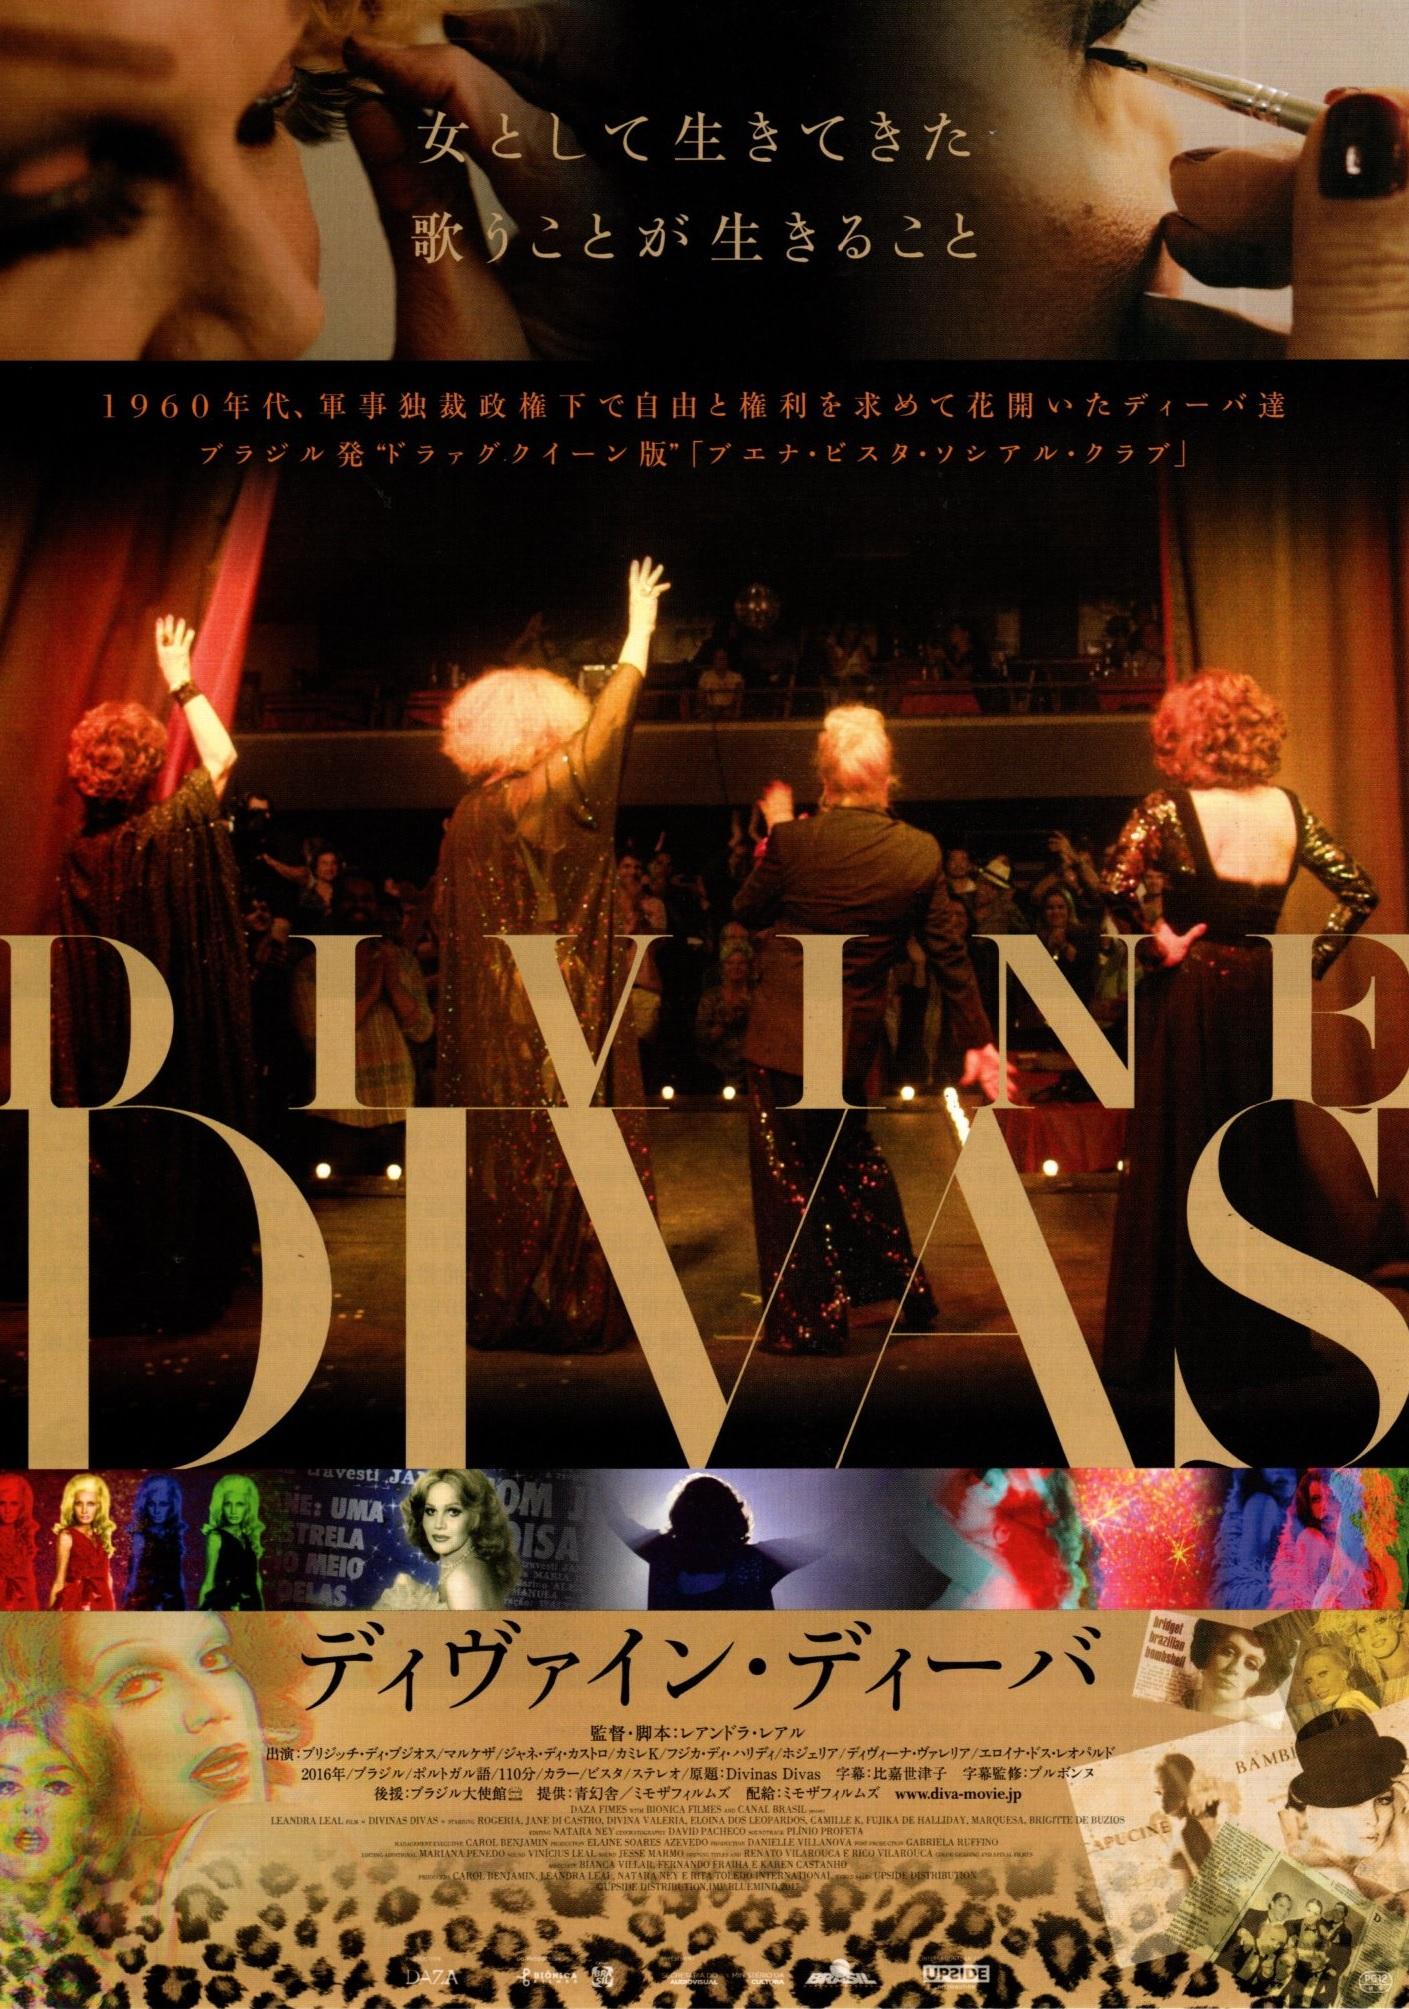 9月1日より公開!伝説のドラァグクイーン達によるドキュメンタリー映画『ディヴァイン・ディーバ』